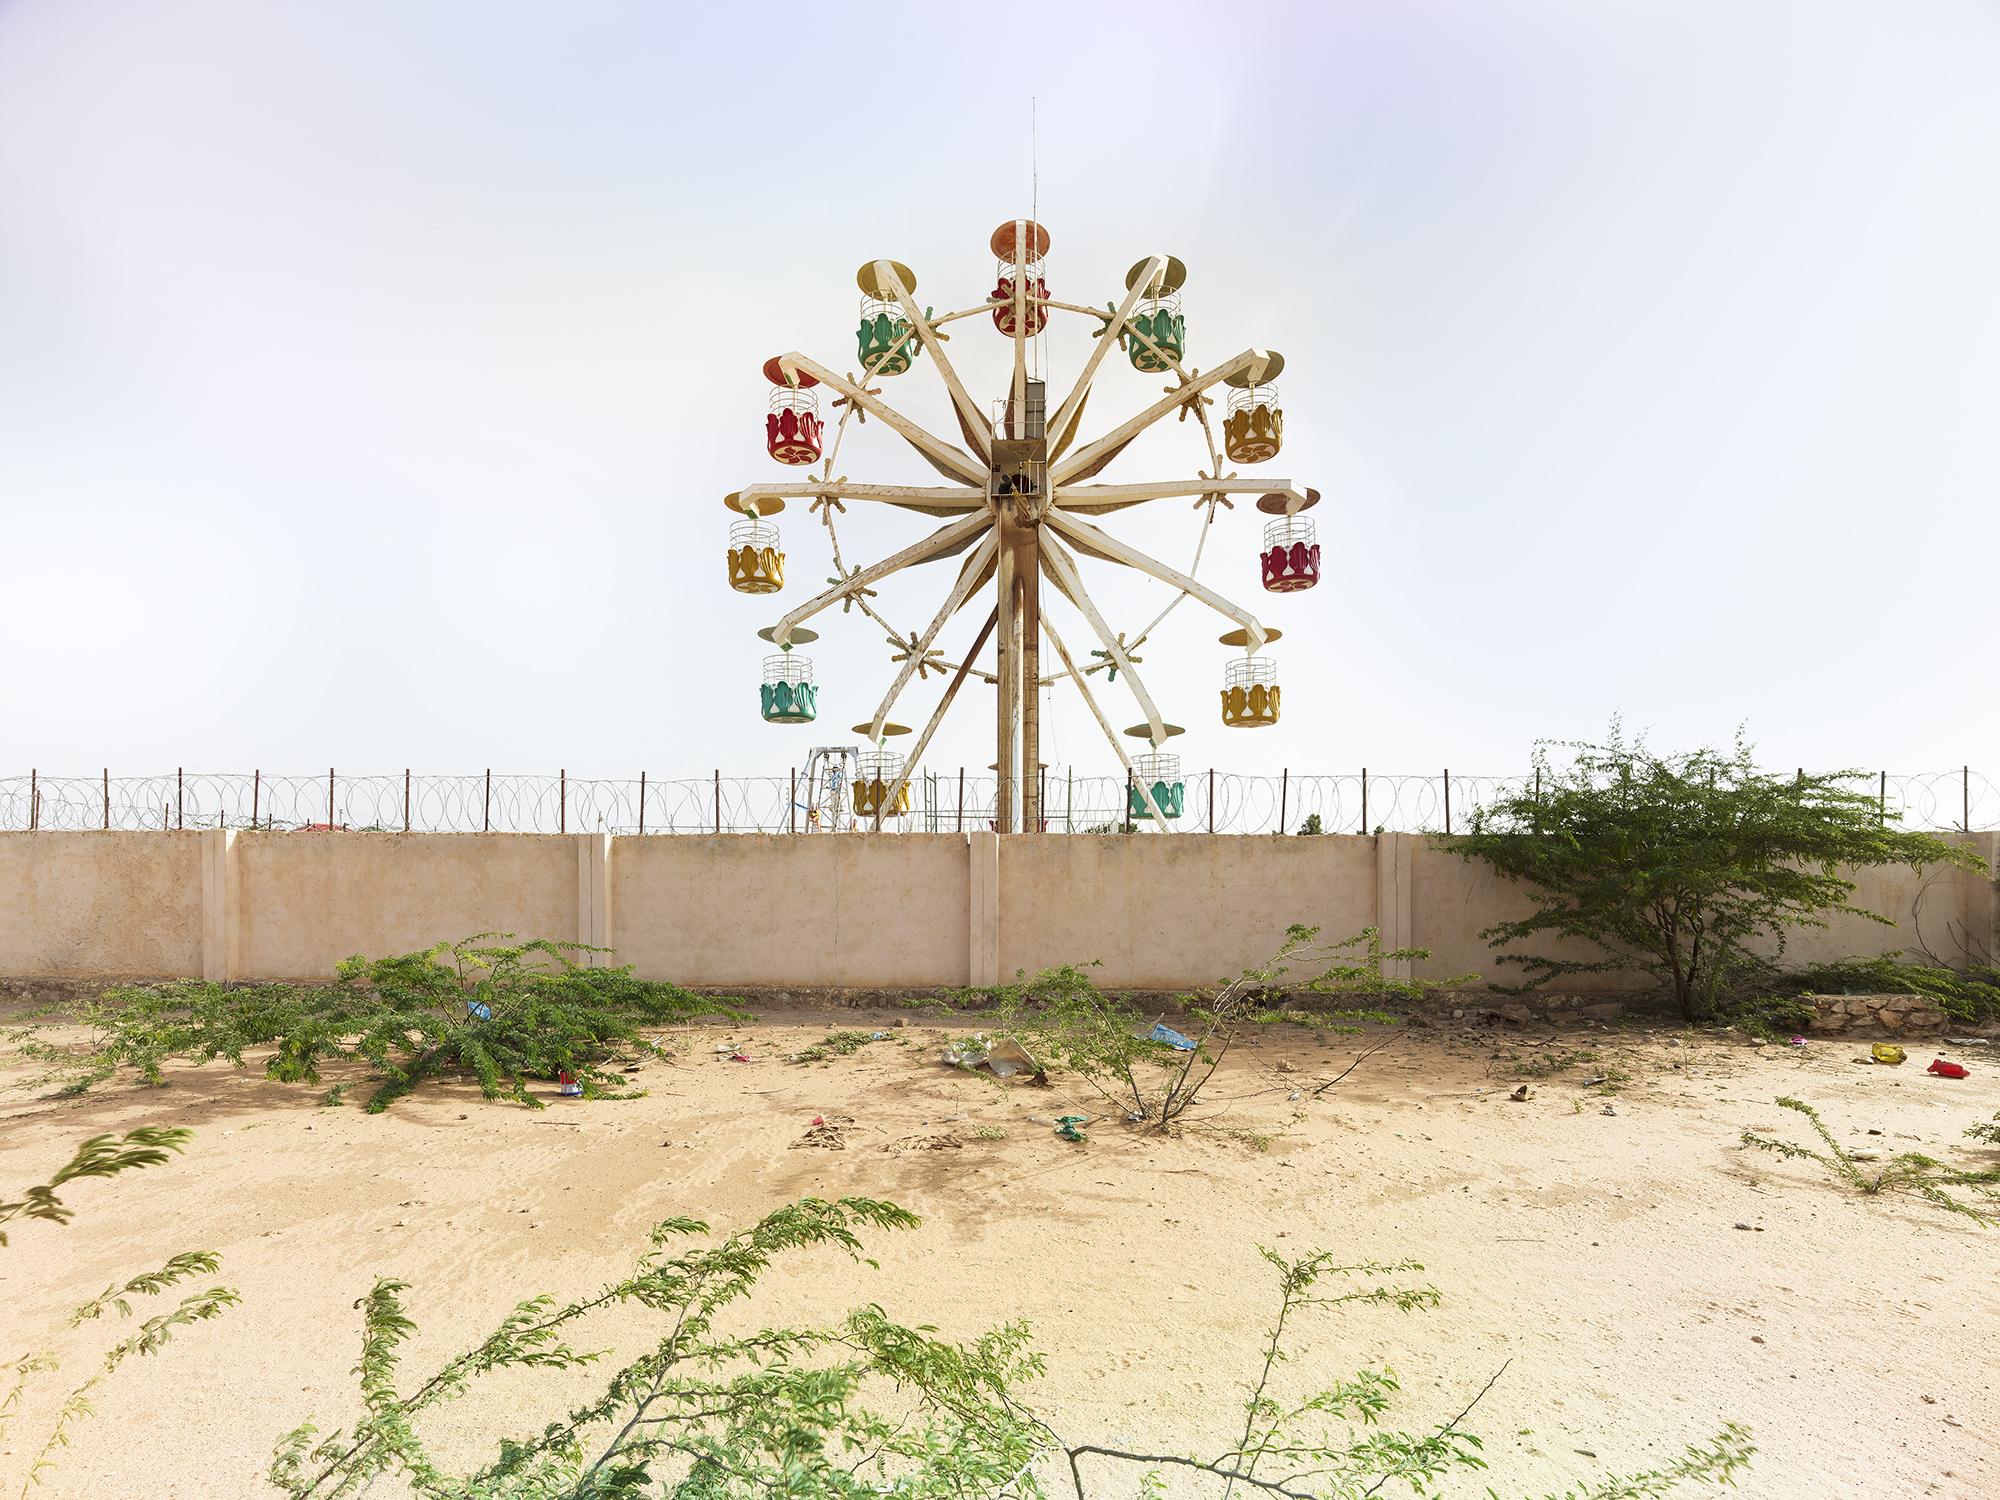 Hargeisa (SOM 19.3)